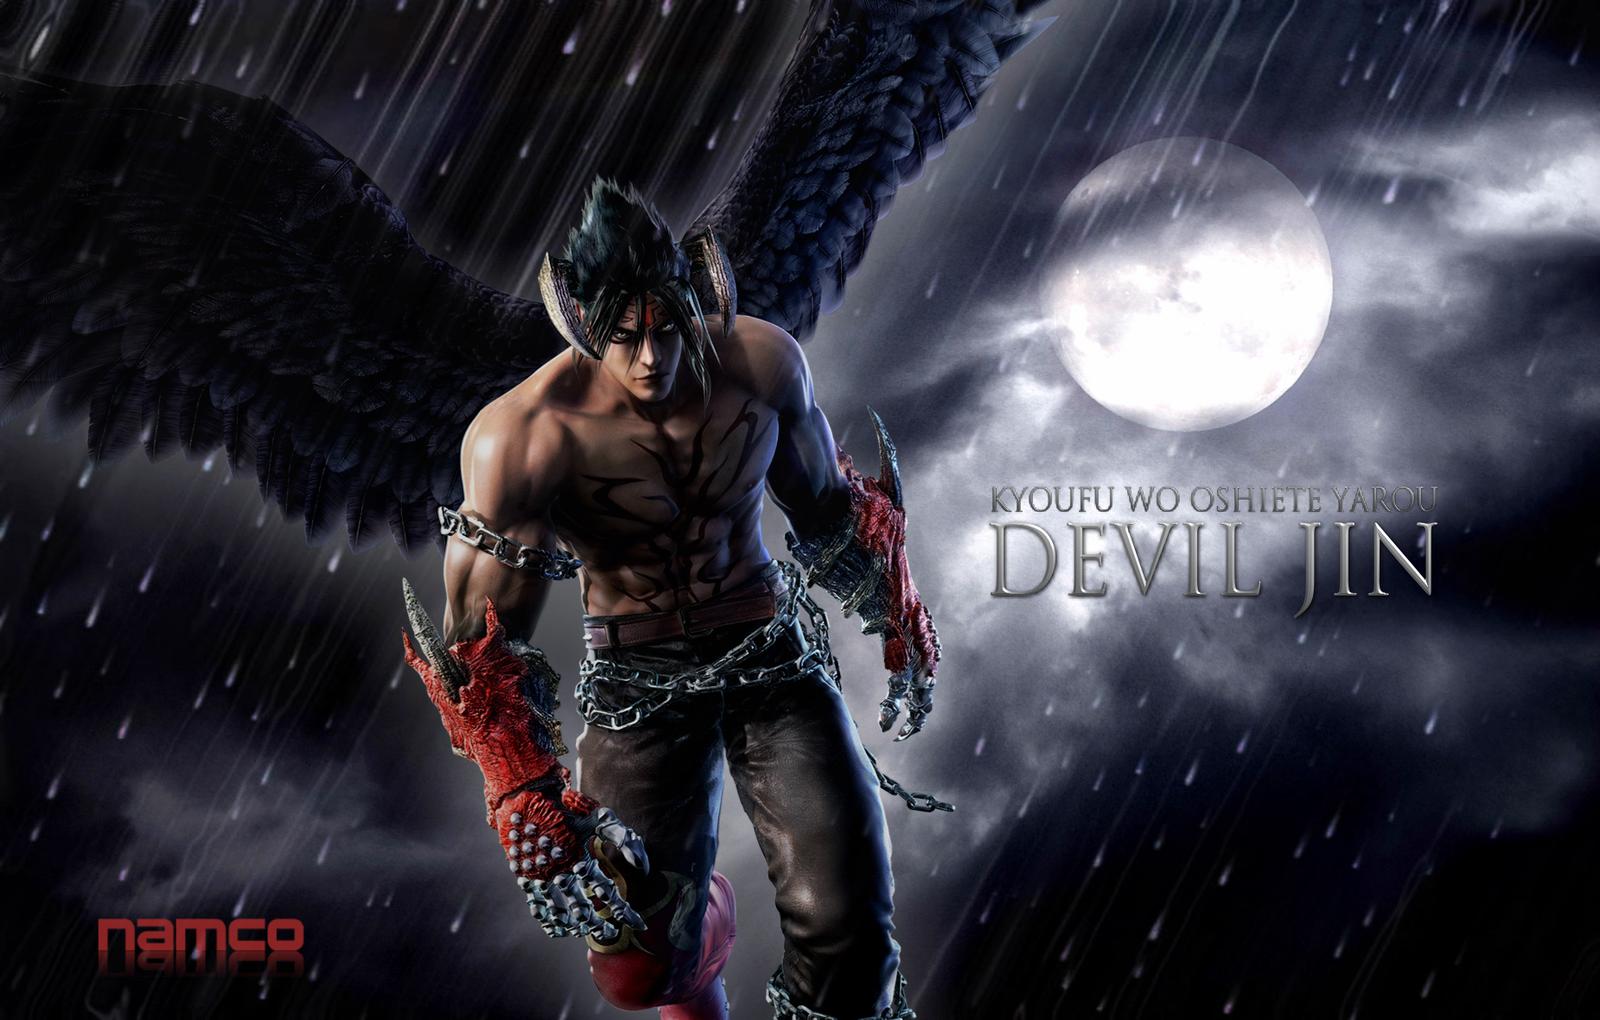 Devil Jin Fan Art Wallpaper 1600x1020